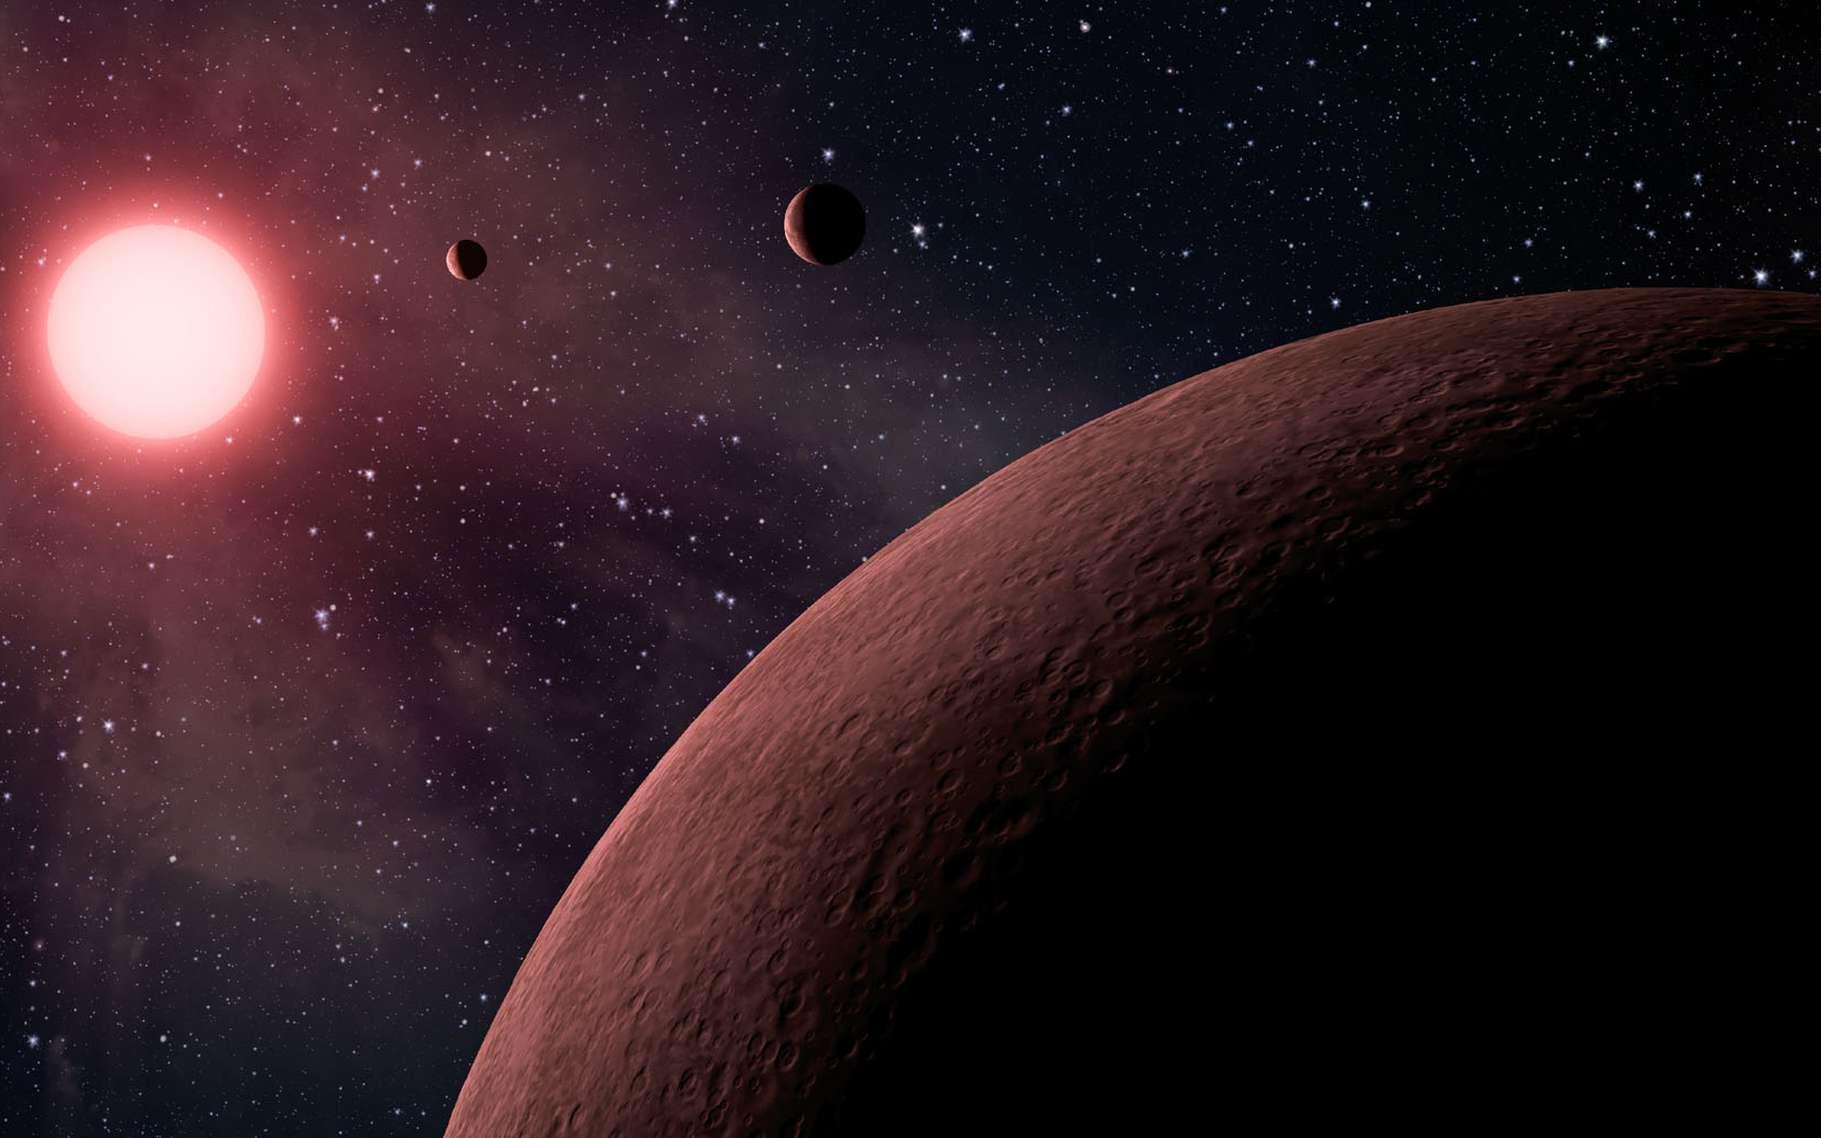 Kepler vient de découvrir plus de 200 nouvelles exoplanètes dont 10 habitables. Ici, illustration de l'étoile KOI-961 (une naine rouge à 130 années-lumière) et de ses trois planètes rocheuses confirmées. Ce système rappelle celui de Trappist-1. © Nasa, JPL-Caltech